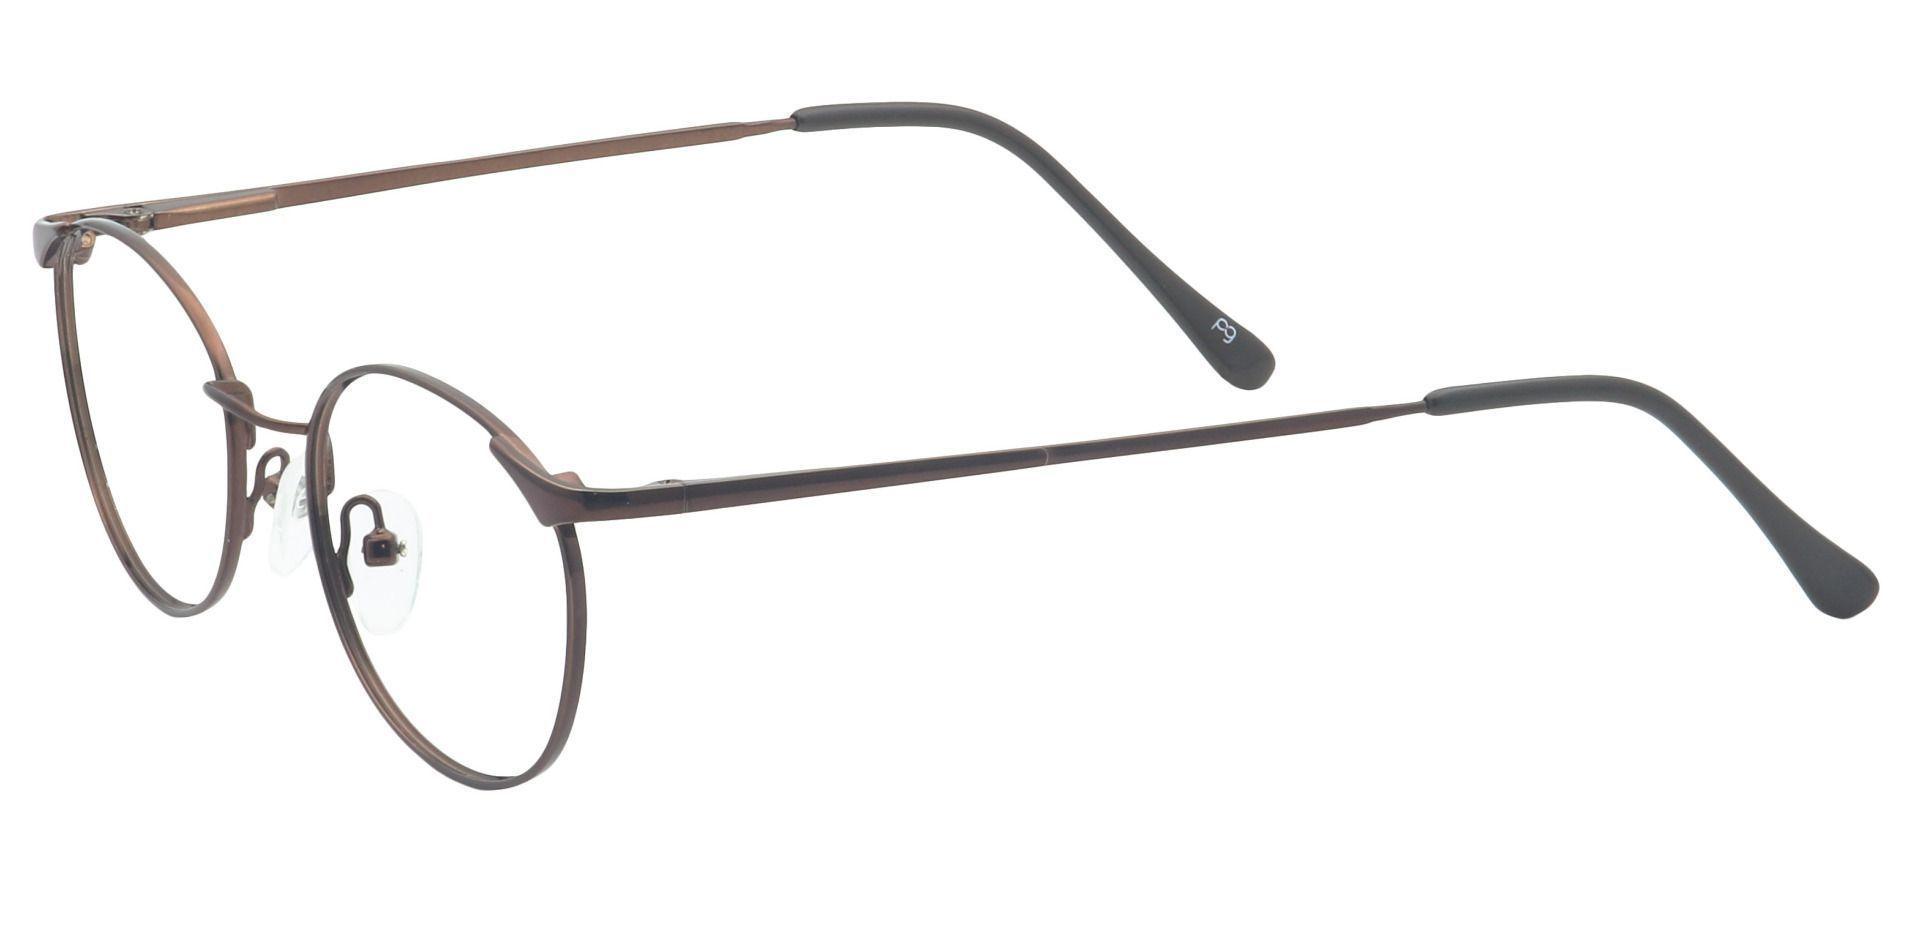 Collen Round Eyeglasses Frame - Brown